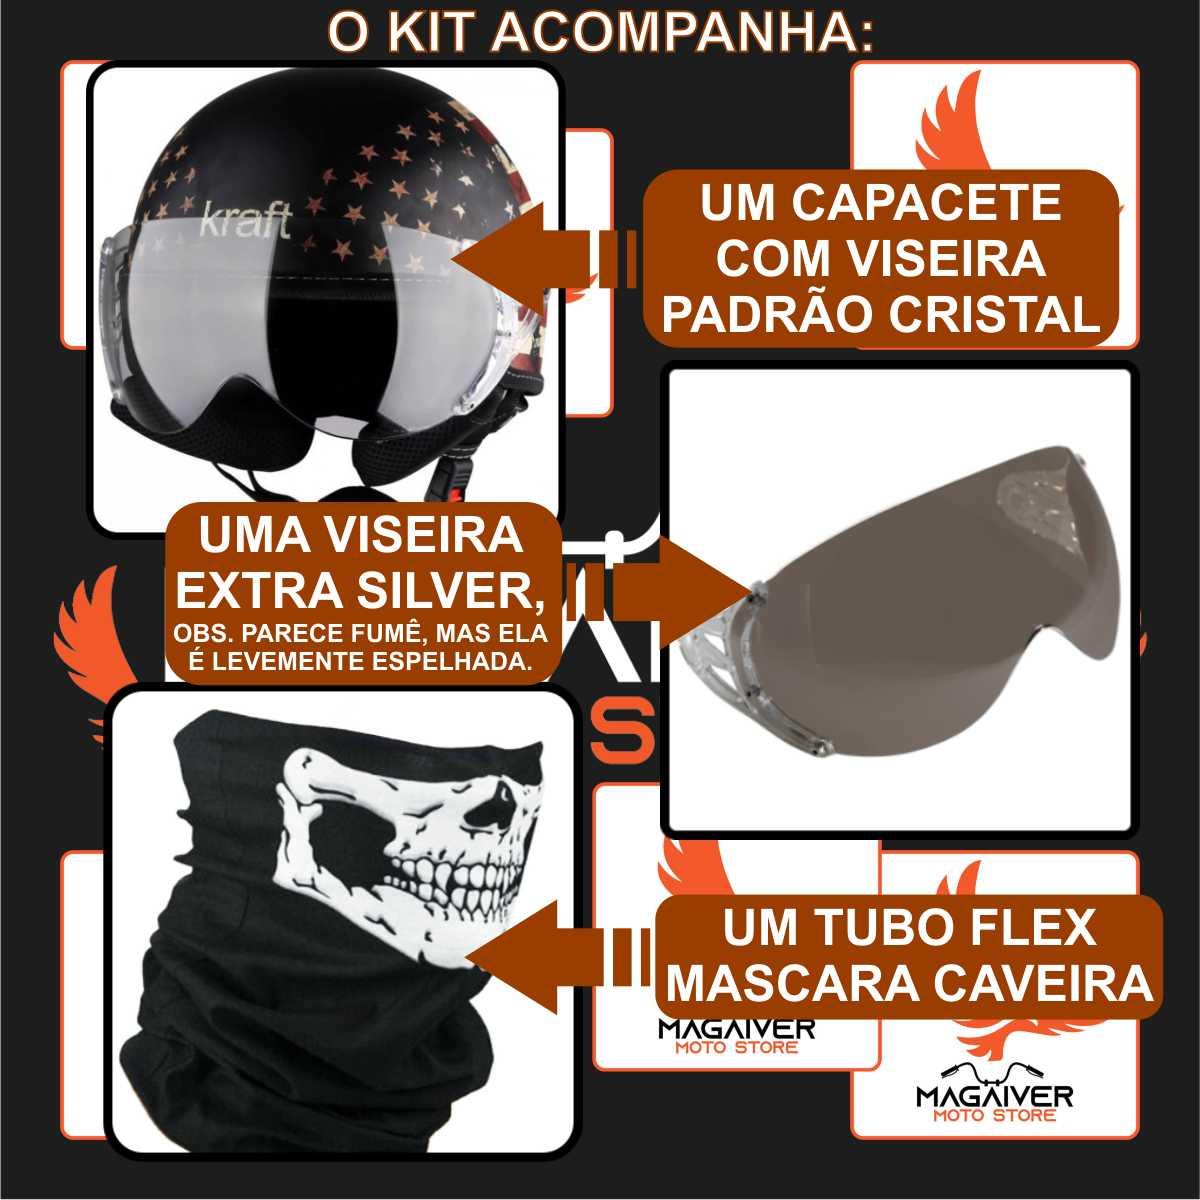 COMBO CAPACETE ABERTO CUSTOM BANDEIRA USA + VISEIRA EXTRA SILVER + MASCARA CAVEIRA TUBO FLEX BANDANA